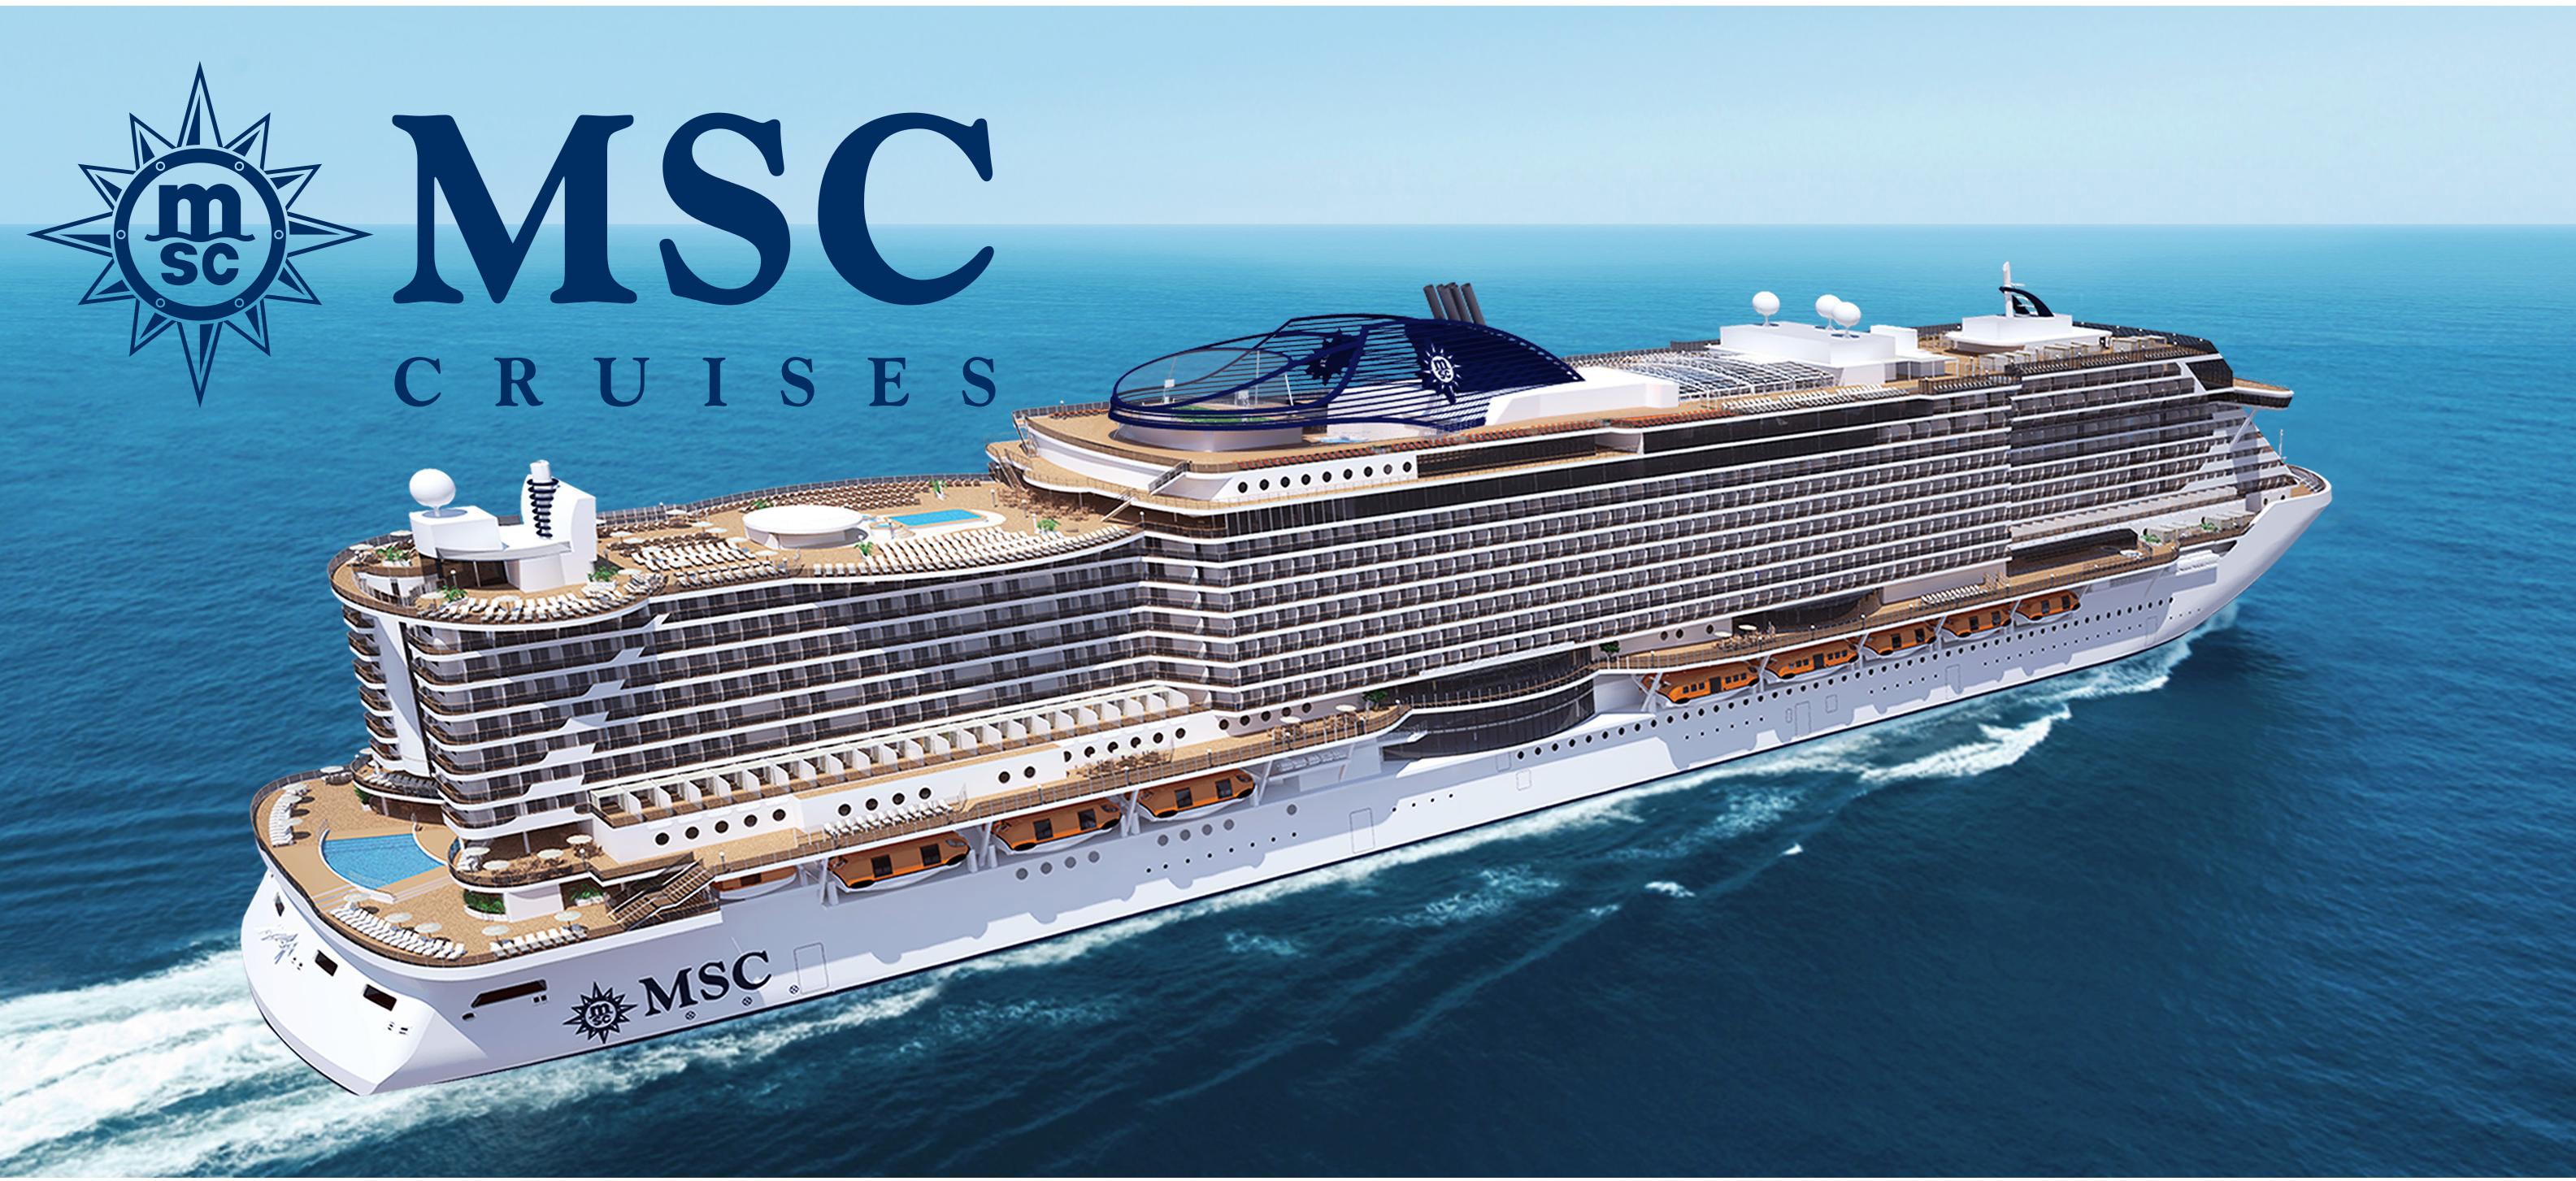 ทัวร์เรือสำราญ เอ็ม เอส ซี  MSC Cruises